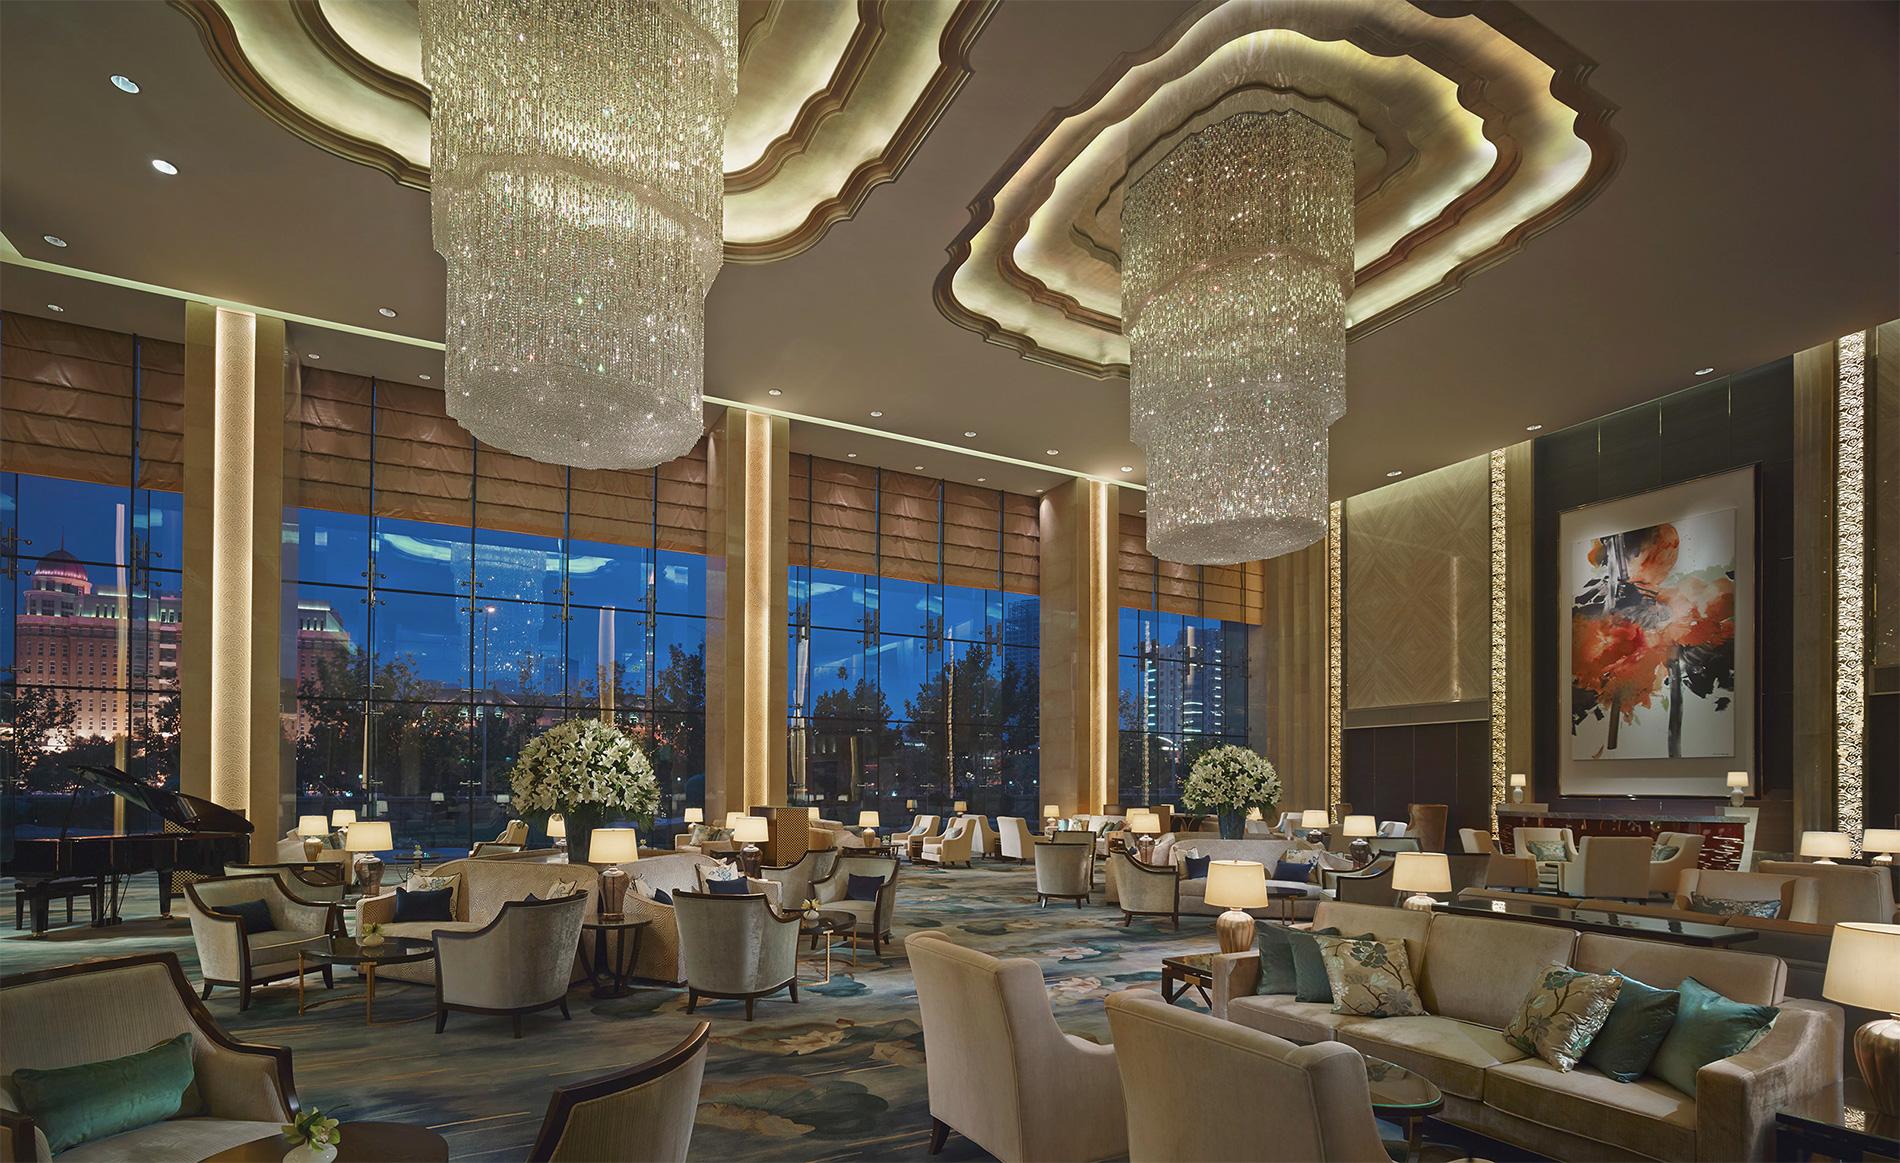 shangri la hotel Conservatorium, amsterdã, holanda: o hoteleiro alfred akirov e seu filho georgi decidiram repetir a experiência bem sucedida de seu hotel de jerusalém e abriram um.